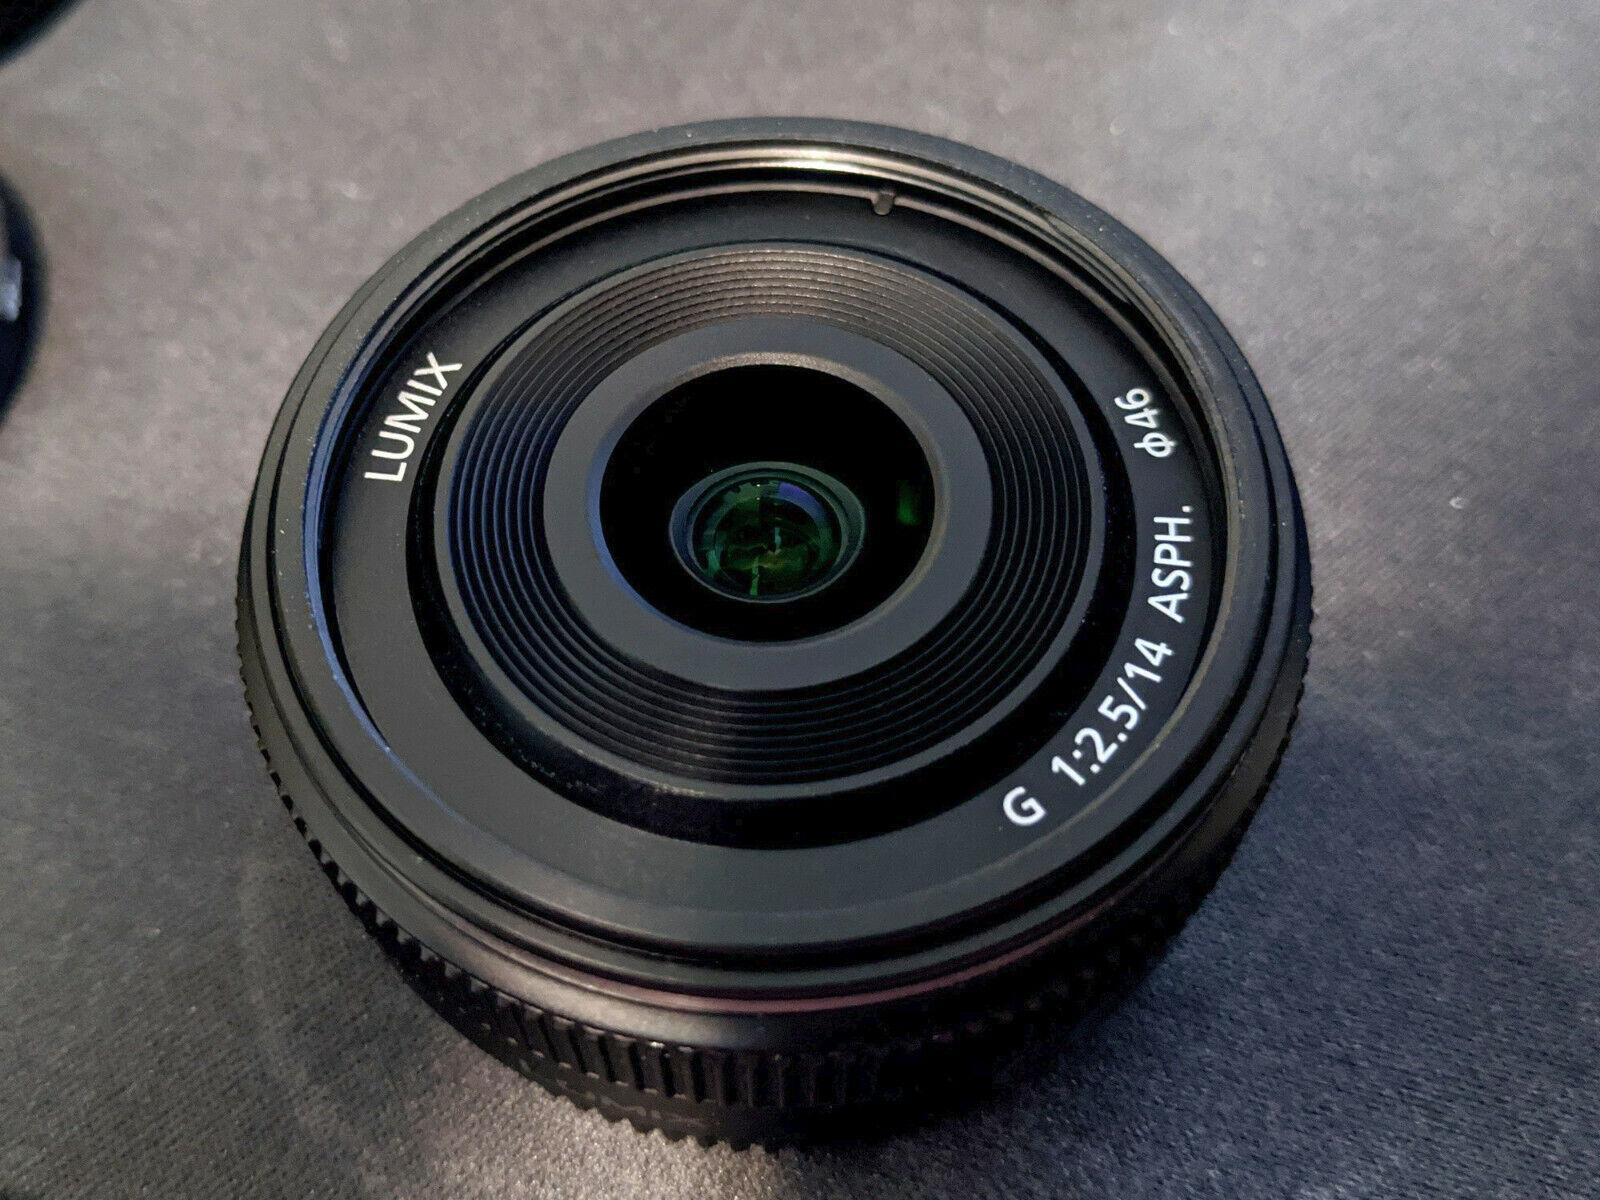 Panasonic Lumix G 14mm F/2.5 II Aspherical AF Lens - $149.99